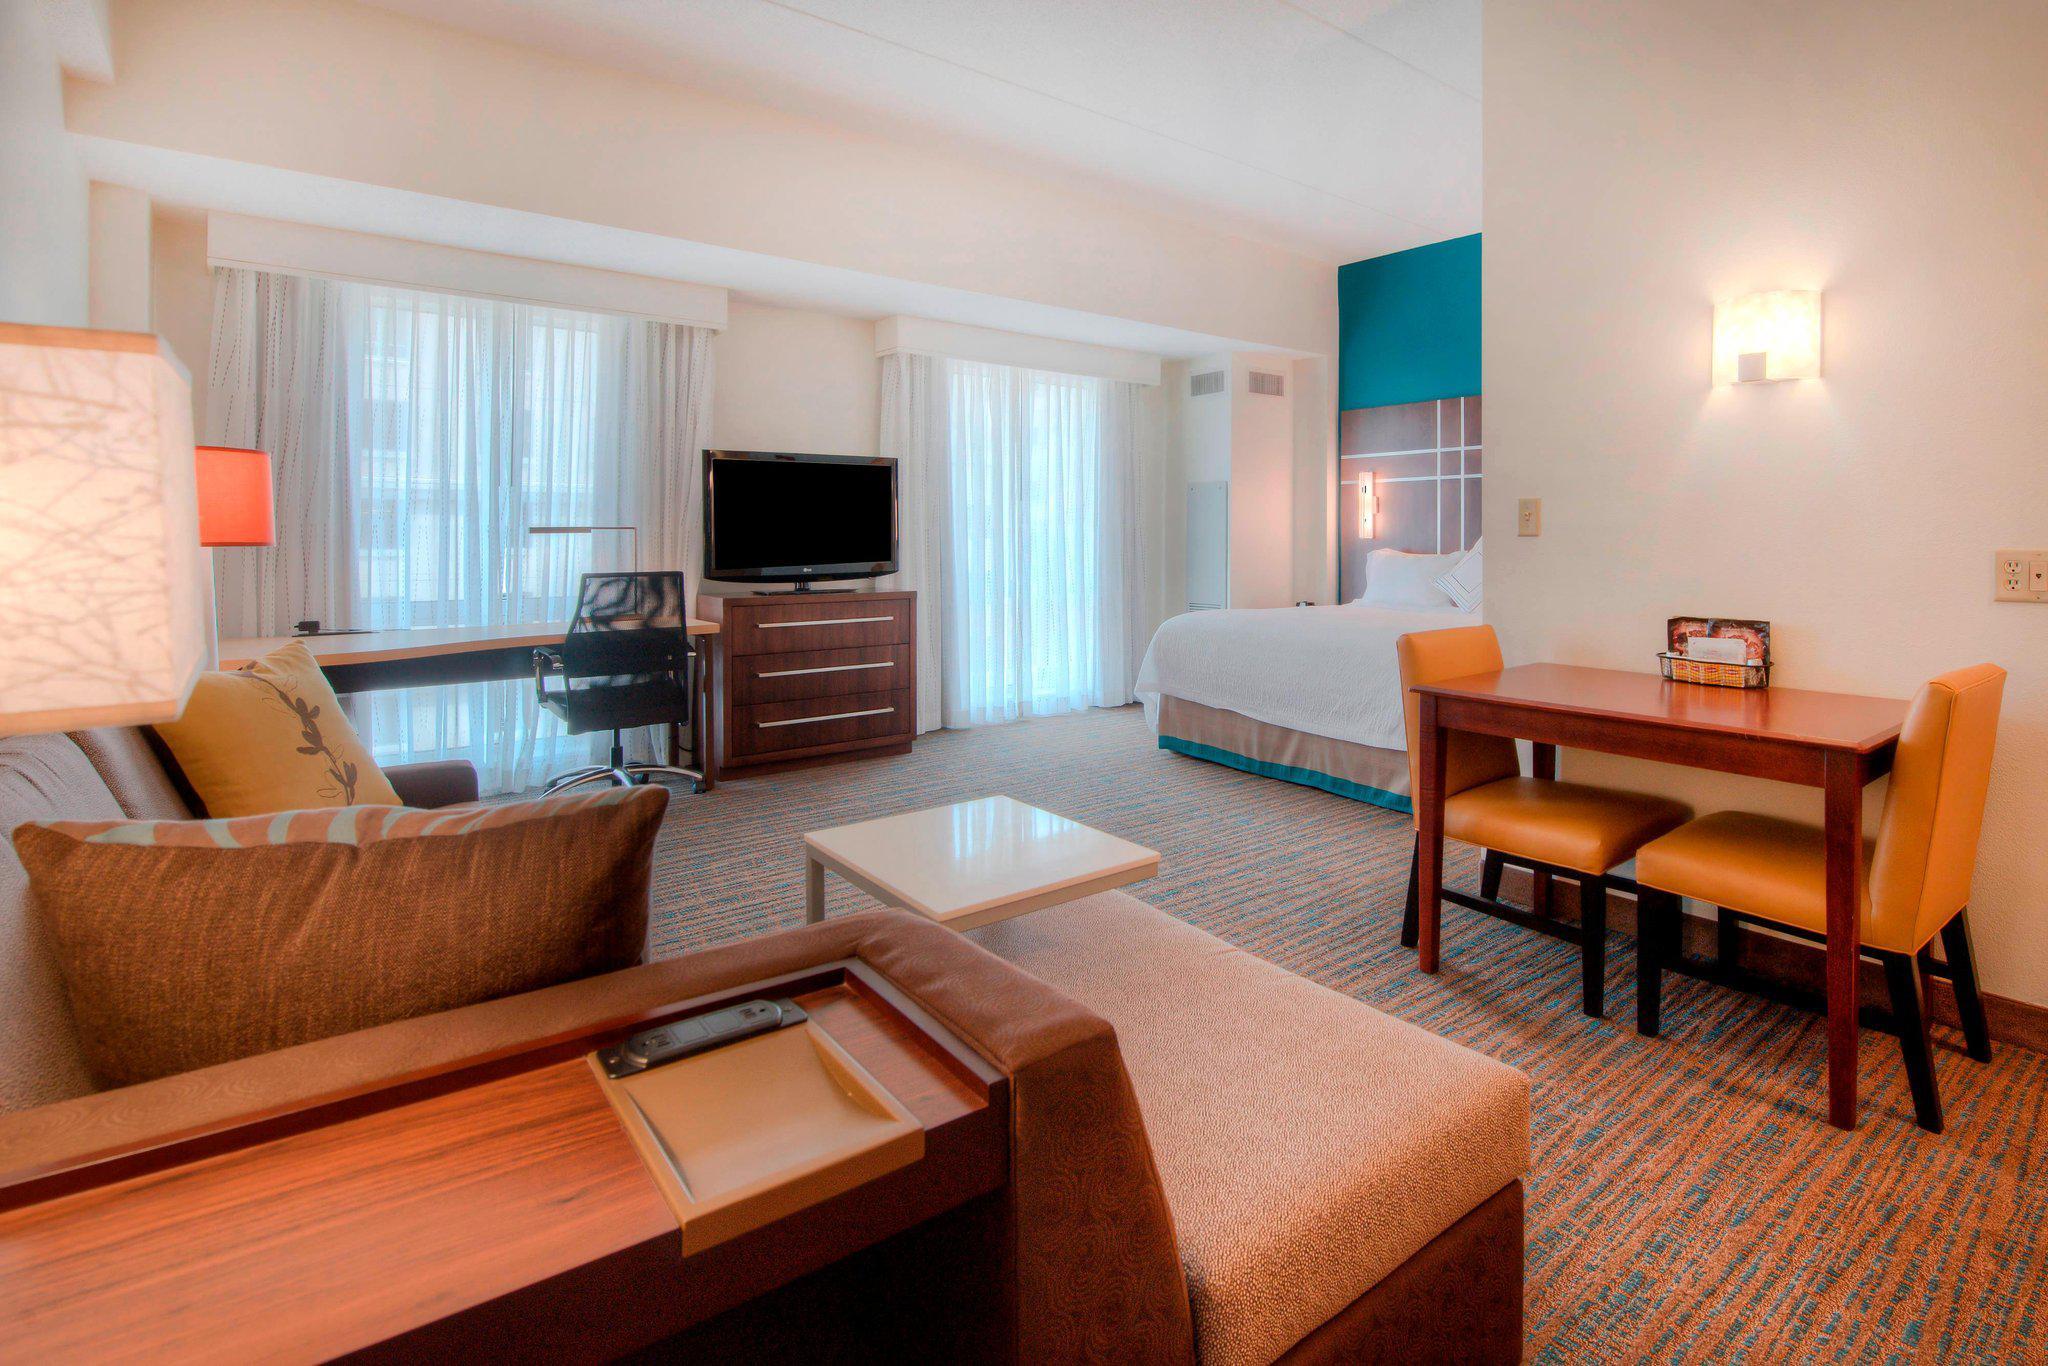 Residence Inn by Marriott Charlotte Uptown